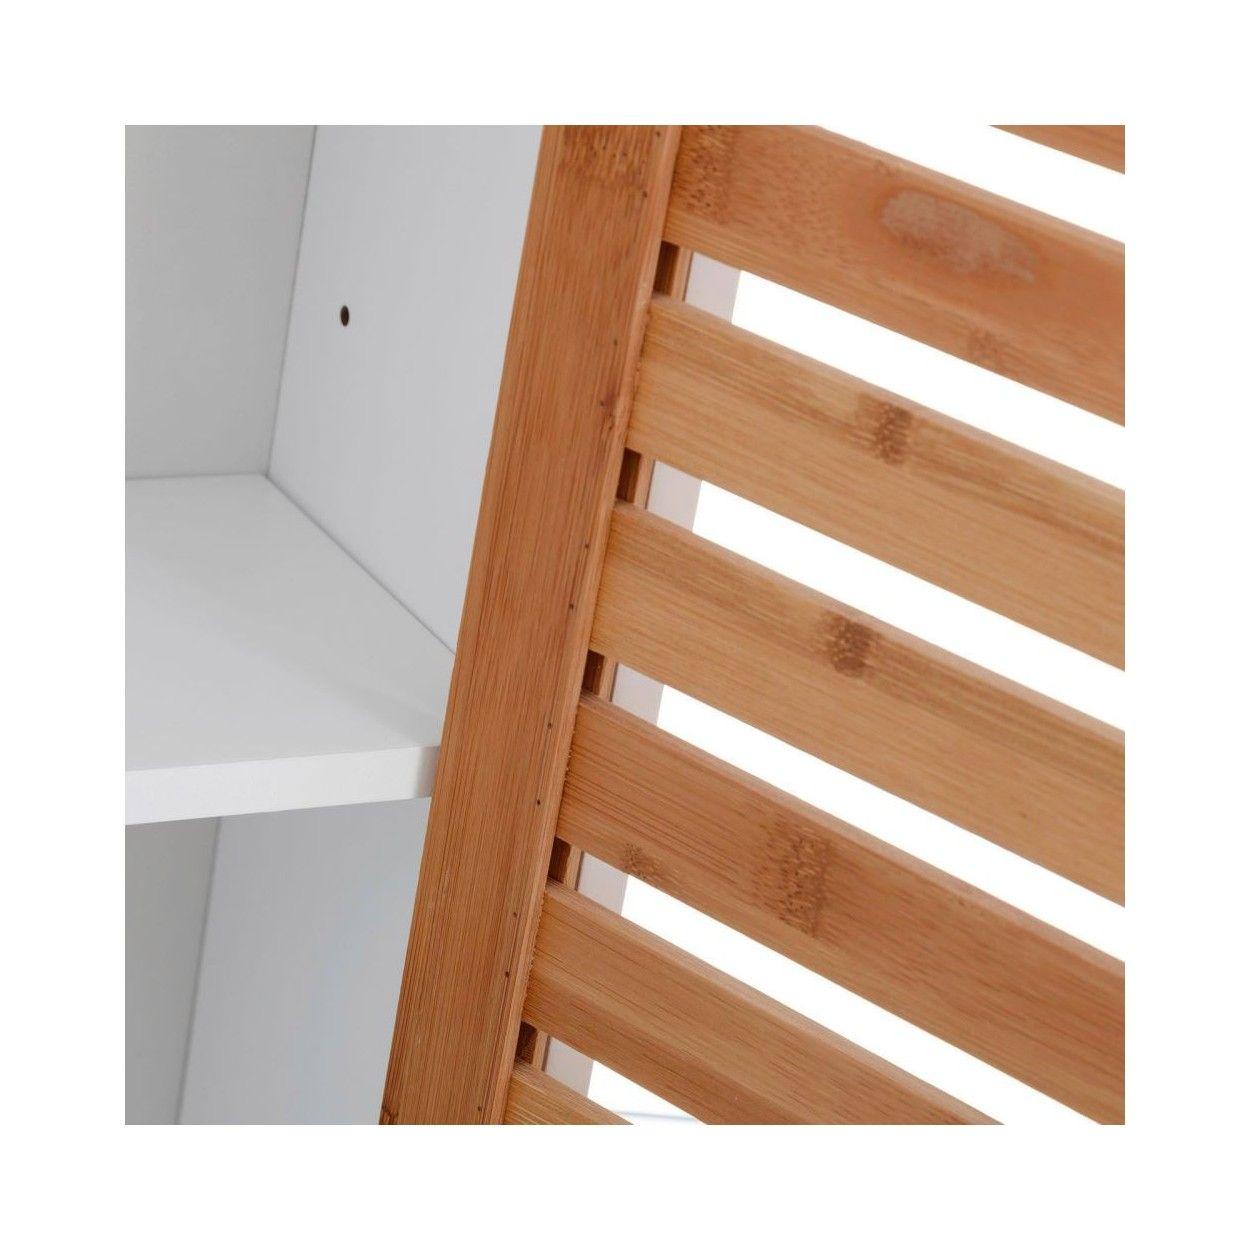 Comprar mueble de calidad de bamb natural hogar y m s for Mueble y algo mas